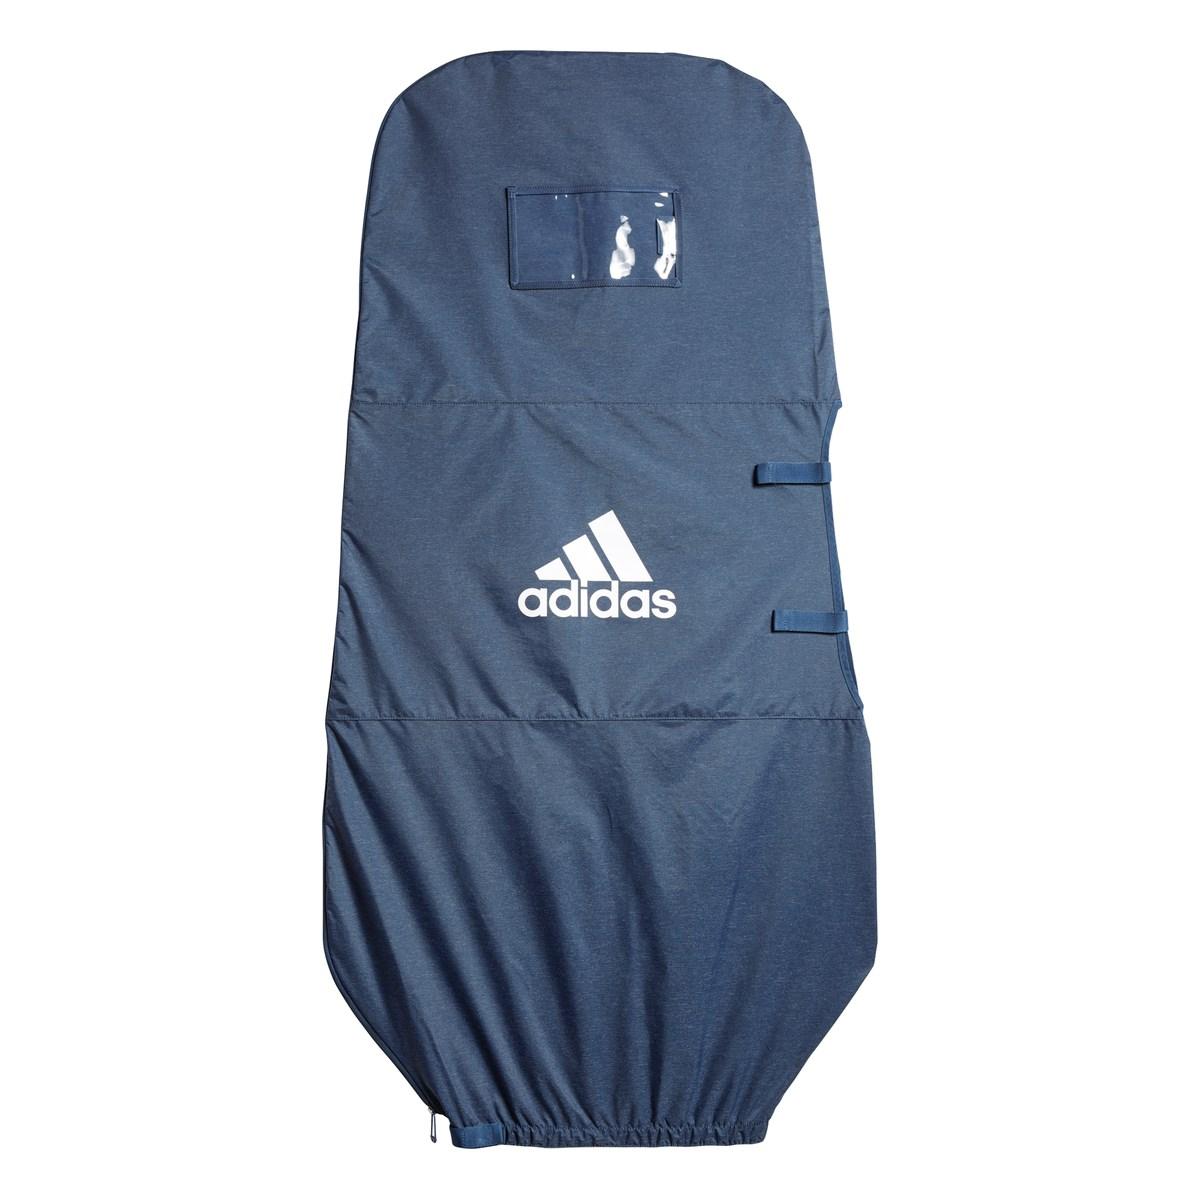 アディダス Adidas トラベルカバー クルーネイビー